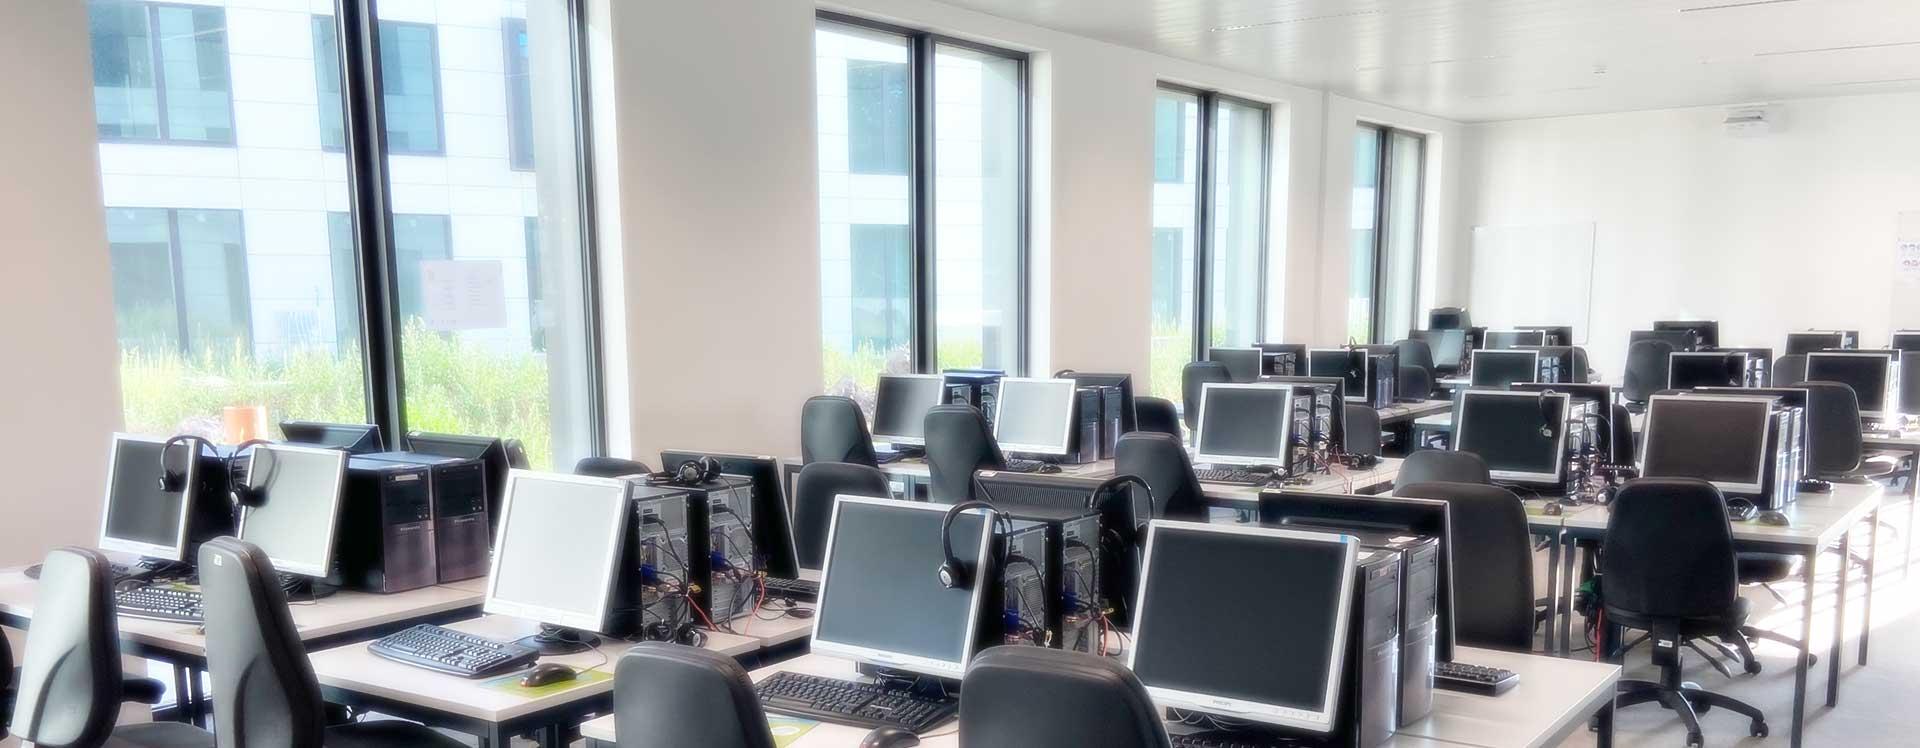 Autoformation accompagnée en informatique, bureautique en en langues